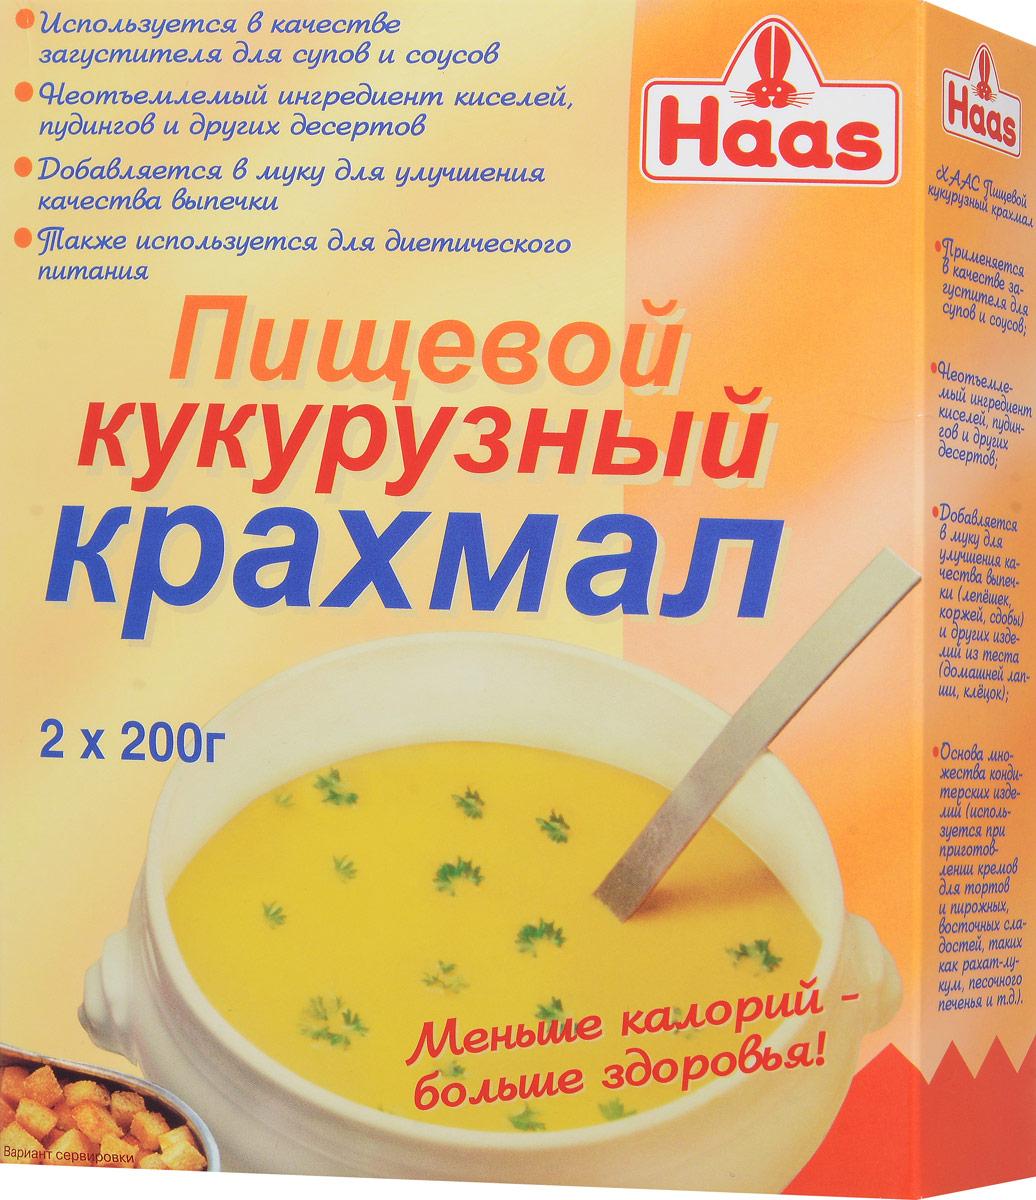 Haas кукурузный крахмал, 400 г0120710Кукурузный крахмал Haas используется в качестве загустителя для супов и соусов. Добавляется в муку для улучшения качества выпечки. С пищевым крахмалом ваша выпечка будет необыкновенно легкой и рассыпчатой, а такие мучные изделия, как лапша, клецки, галушки не потеряют форму при варке, сохранят приятный аппетитный вид. Также кукурузный крахмал является неотъемлемым ингредиентом киселей, пудингов и других десертов. Можно использовать для диетического питания.